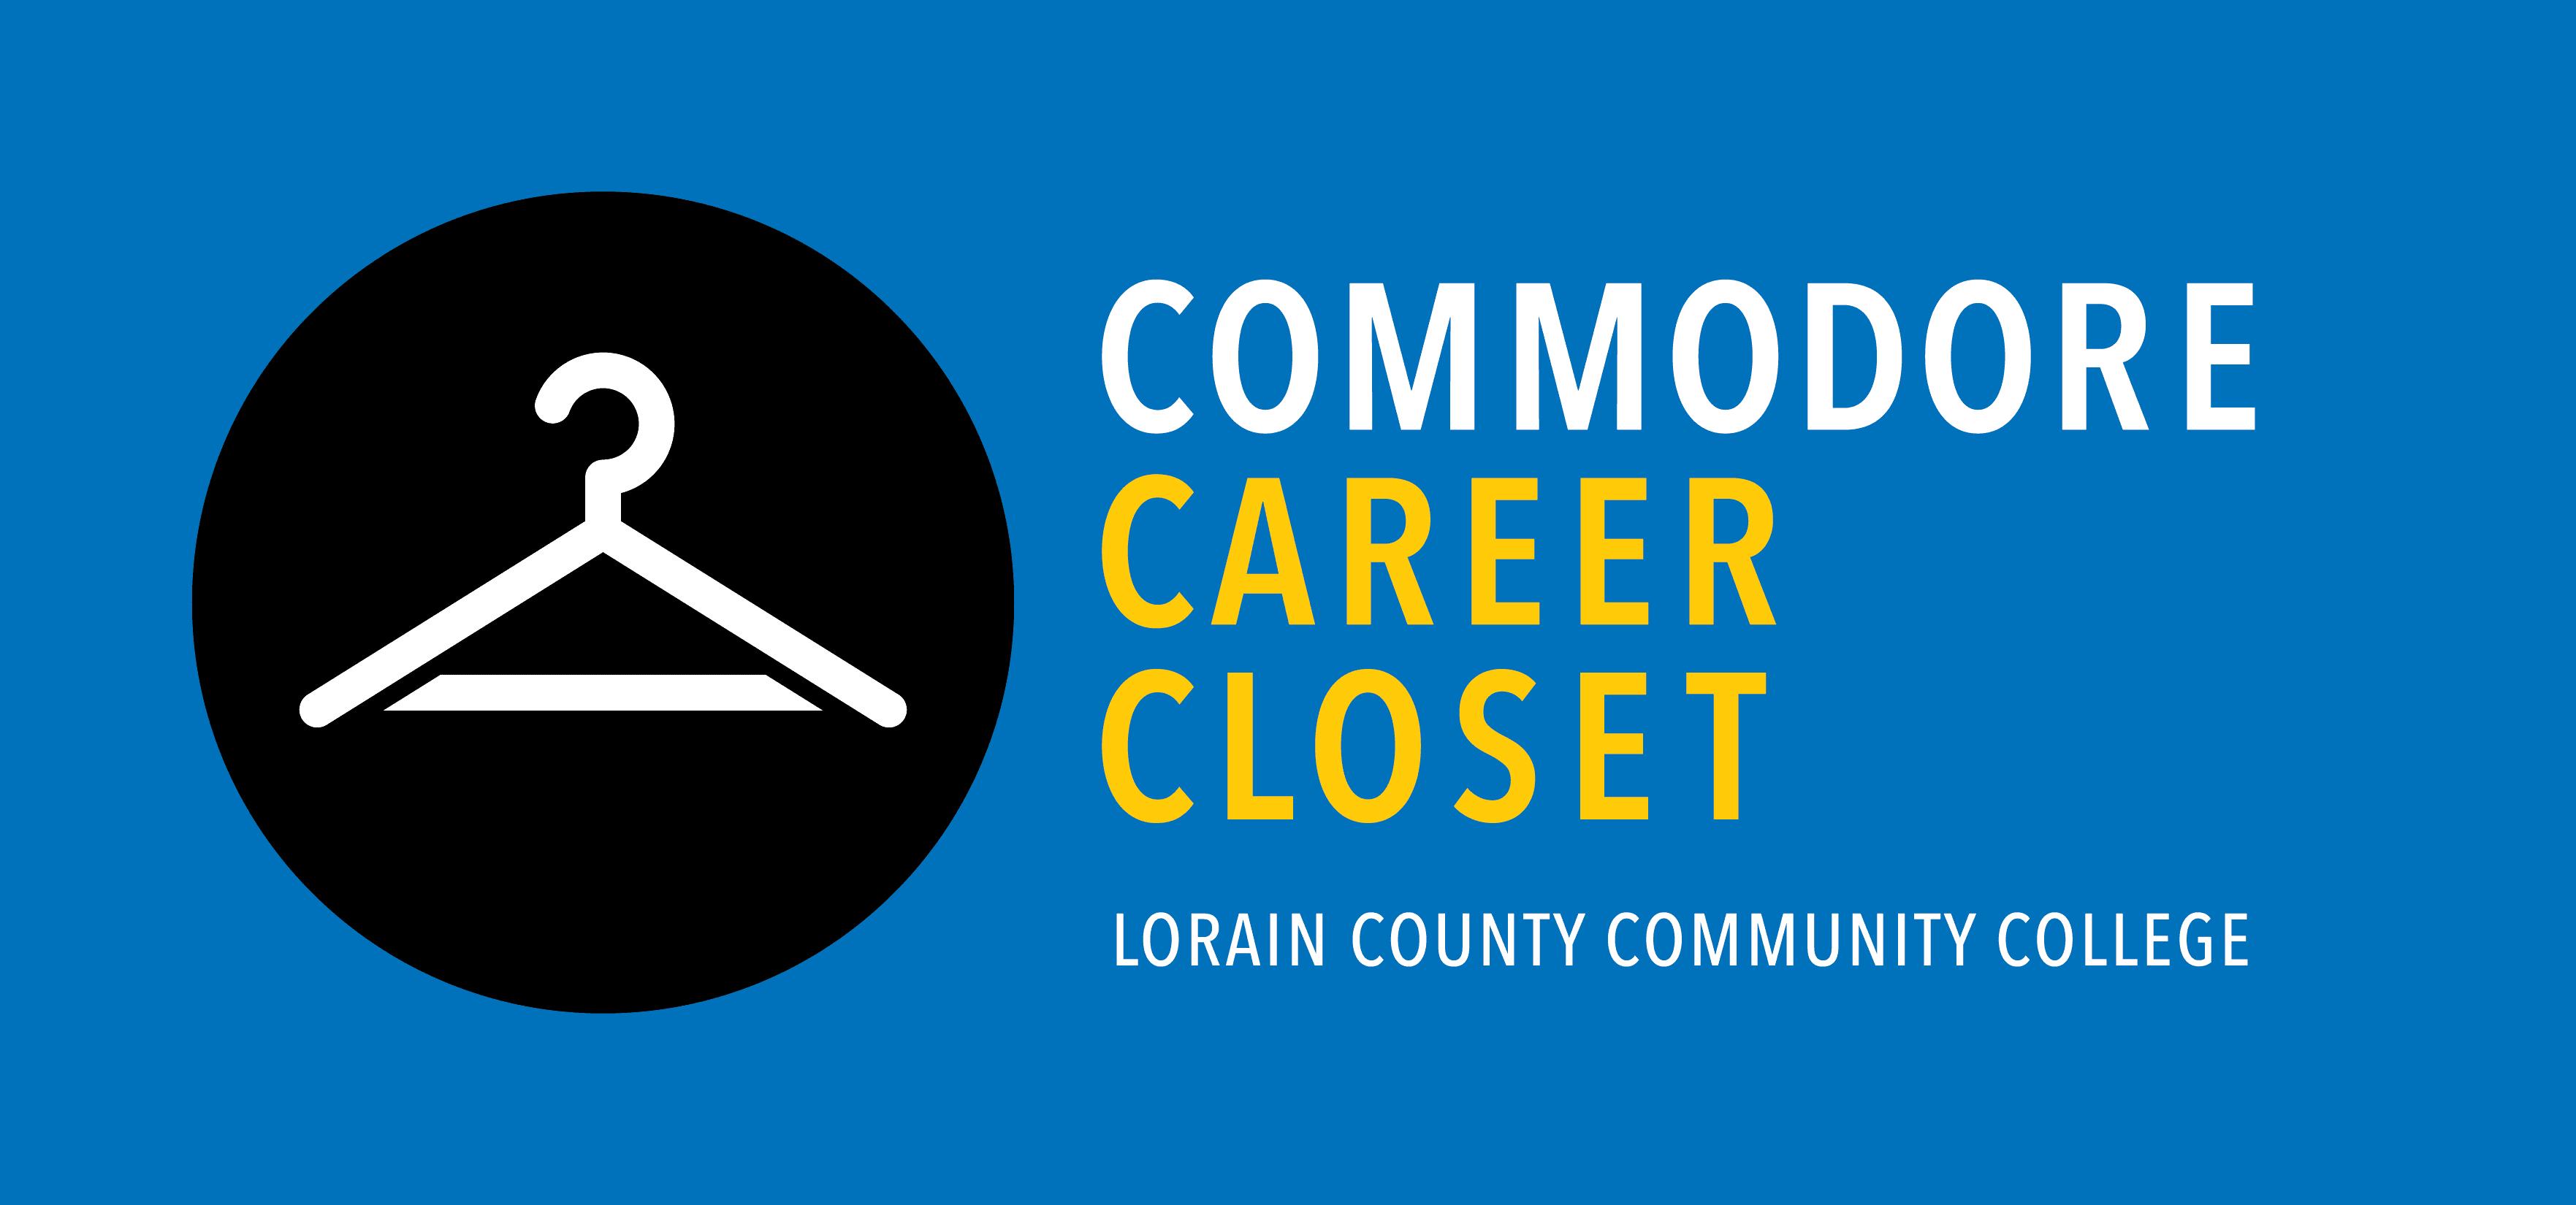 Commodore Career Closet Logo